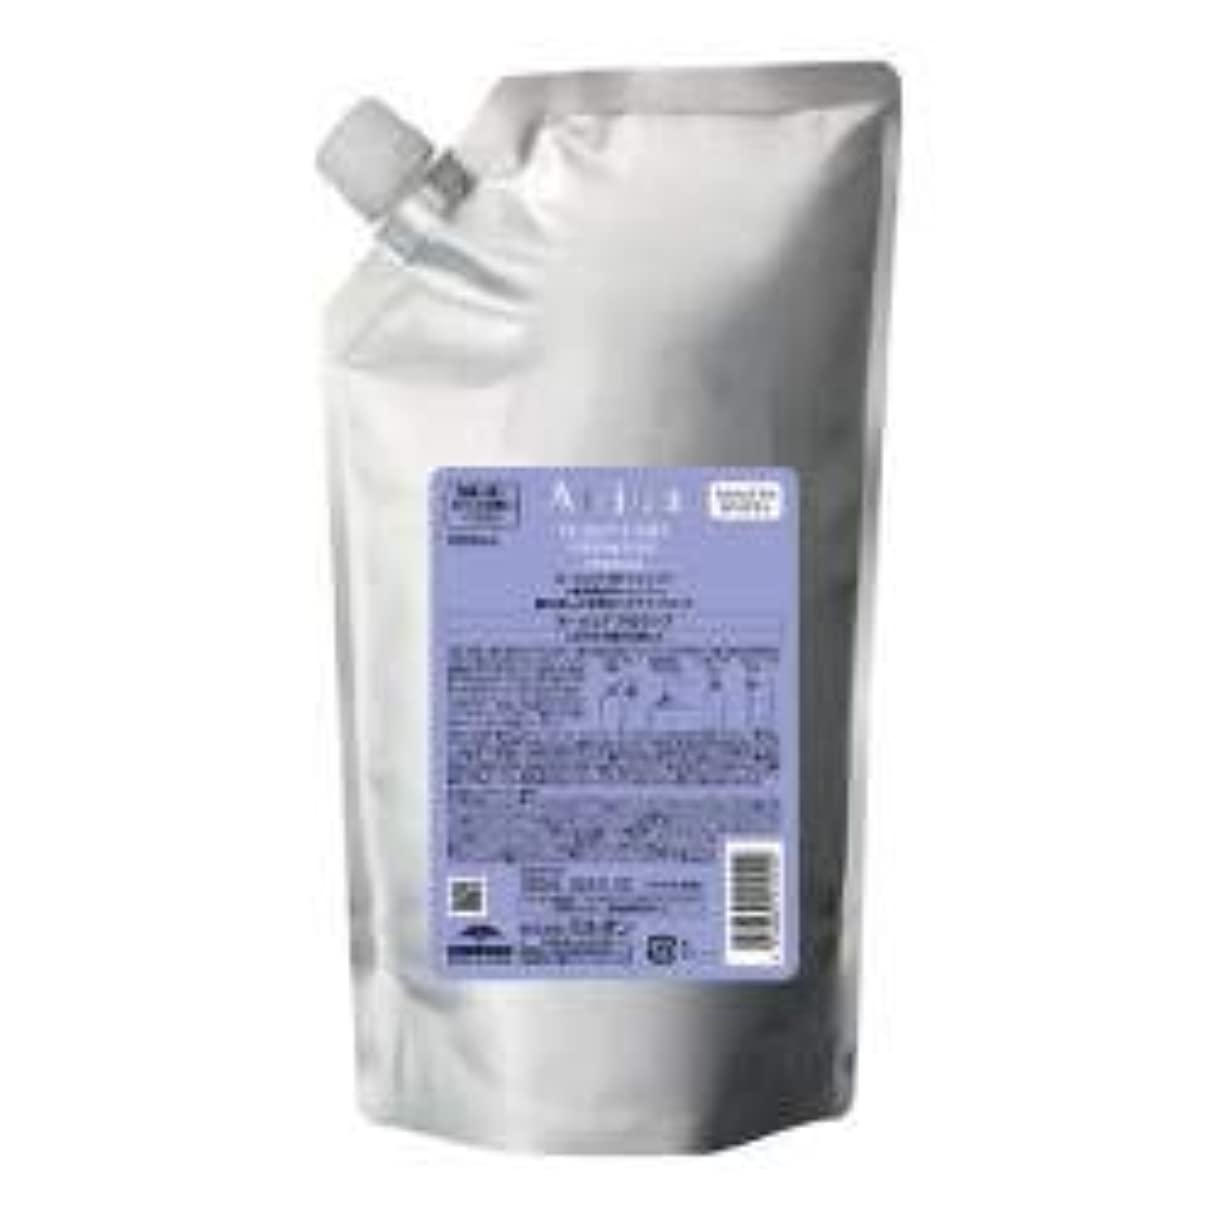 通行料金ホイッスルペインギリックオージュア GR グロウシブ シャンプー(医薬部外品)(1L)